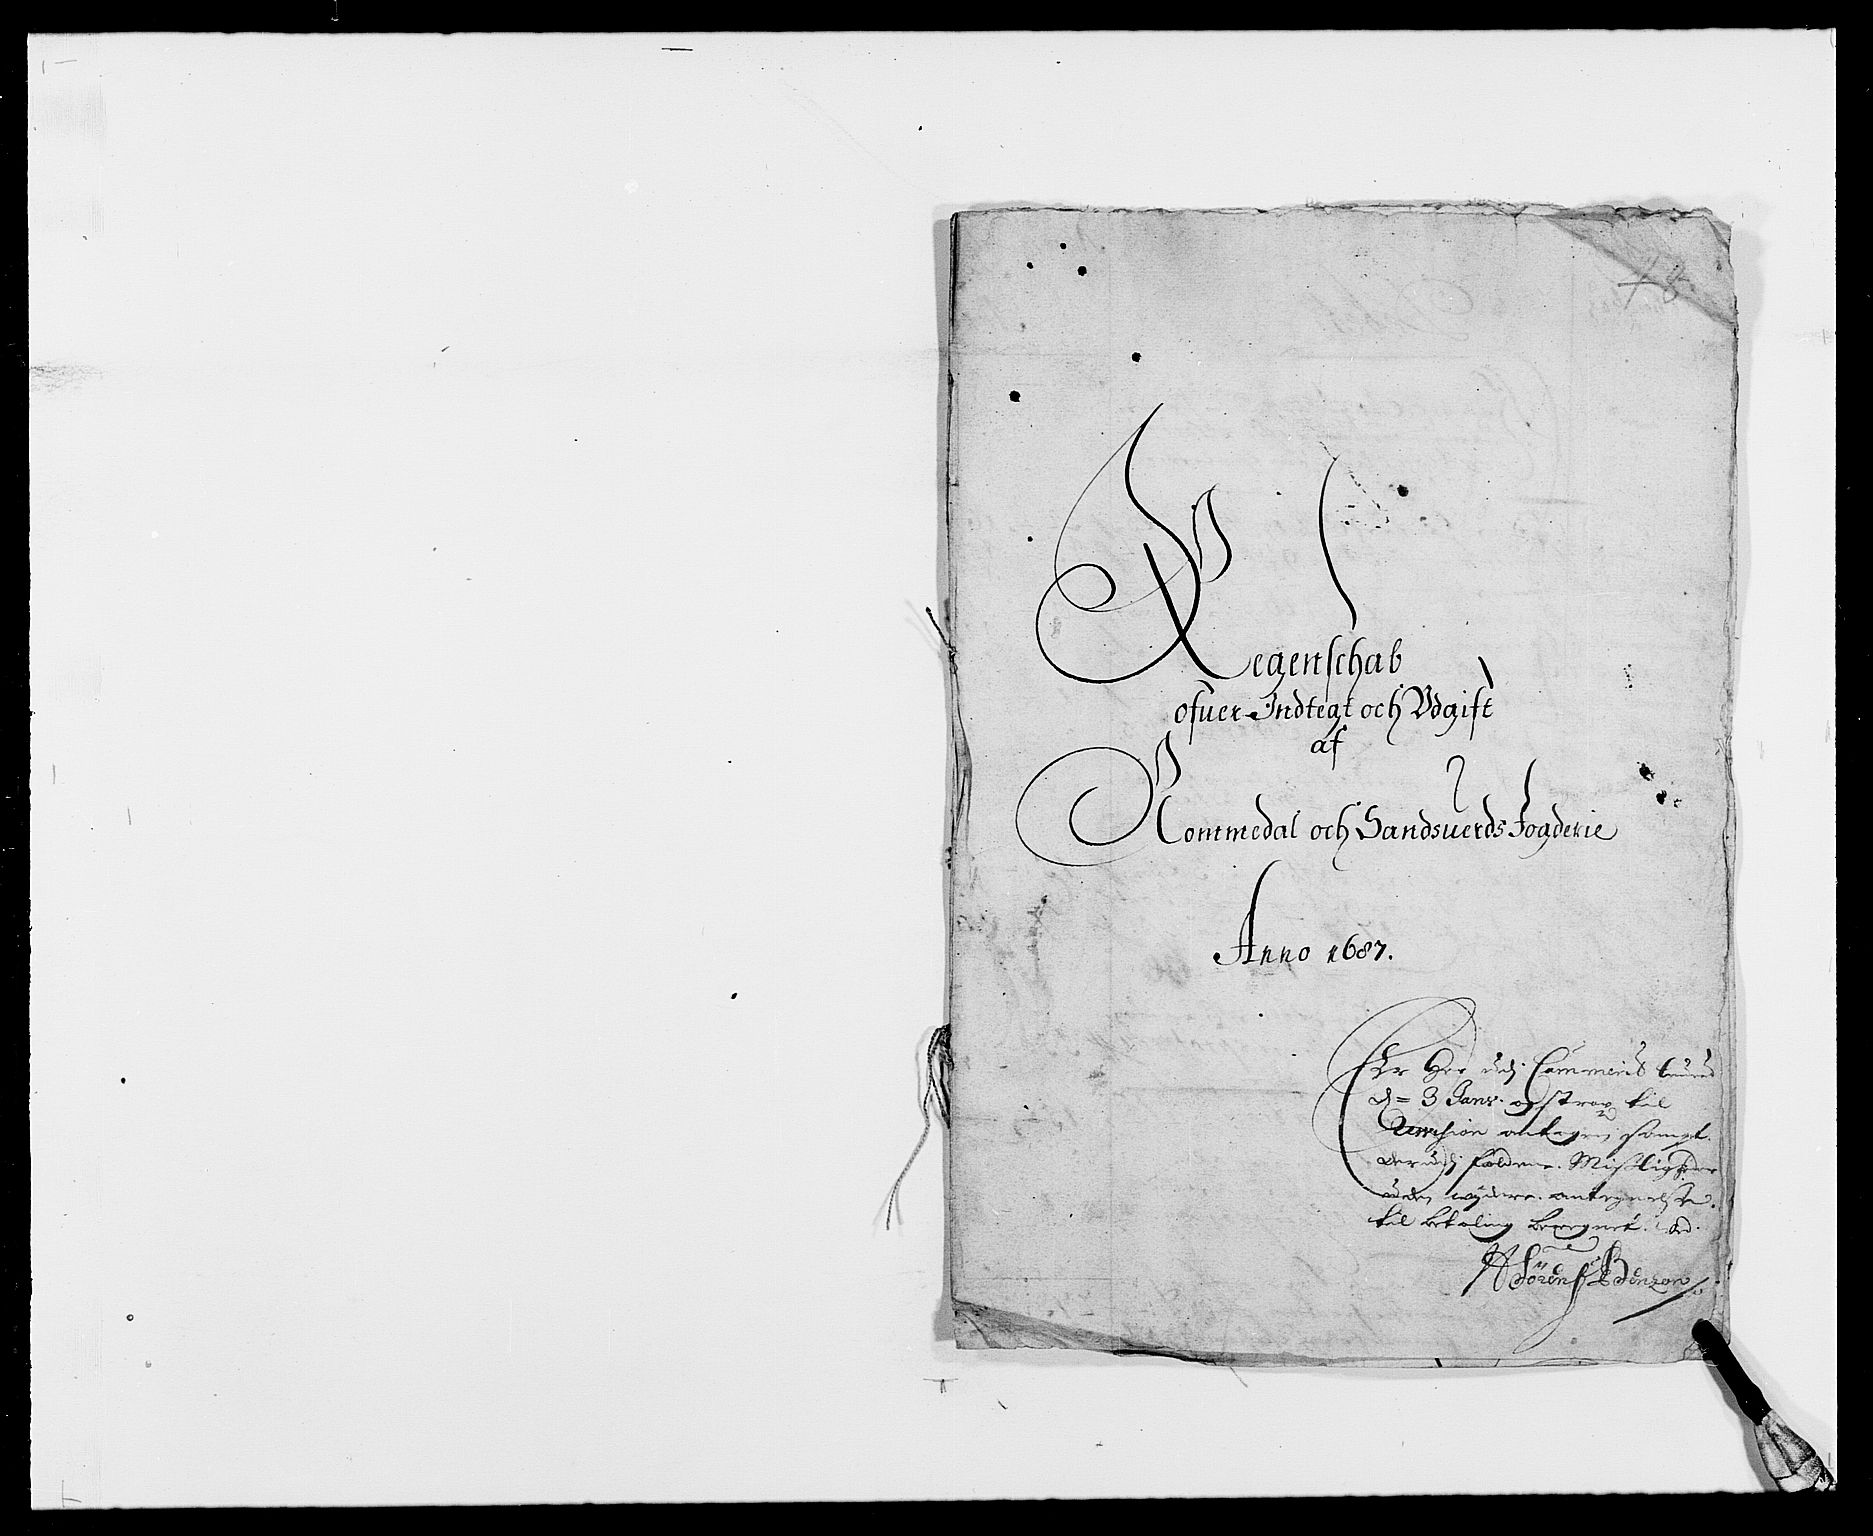 RA, Rentekammeret inntil 1814, Reviderte regnskaper, Fogderegnskap, R24/L1573: Fogderegnskap Numedal og Sandsvær, 1687-1691, s. 2